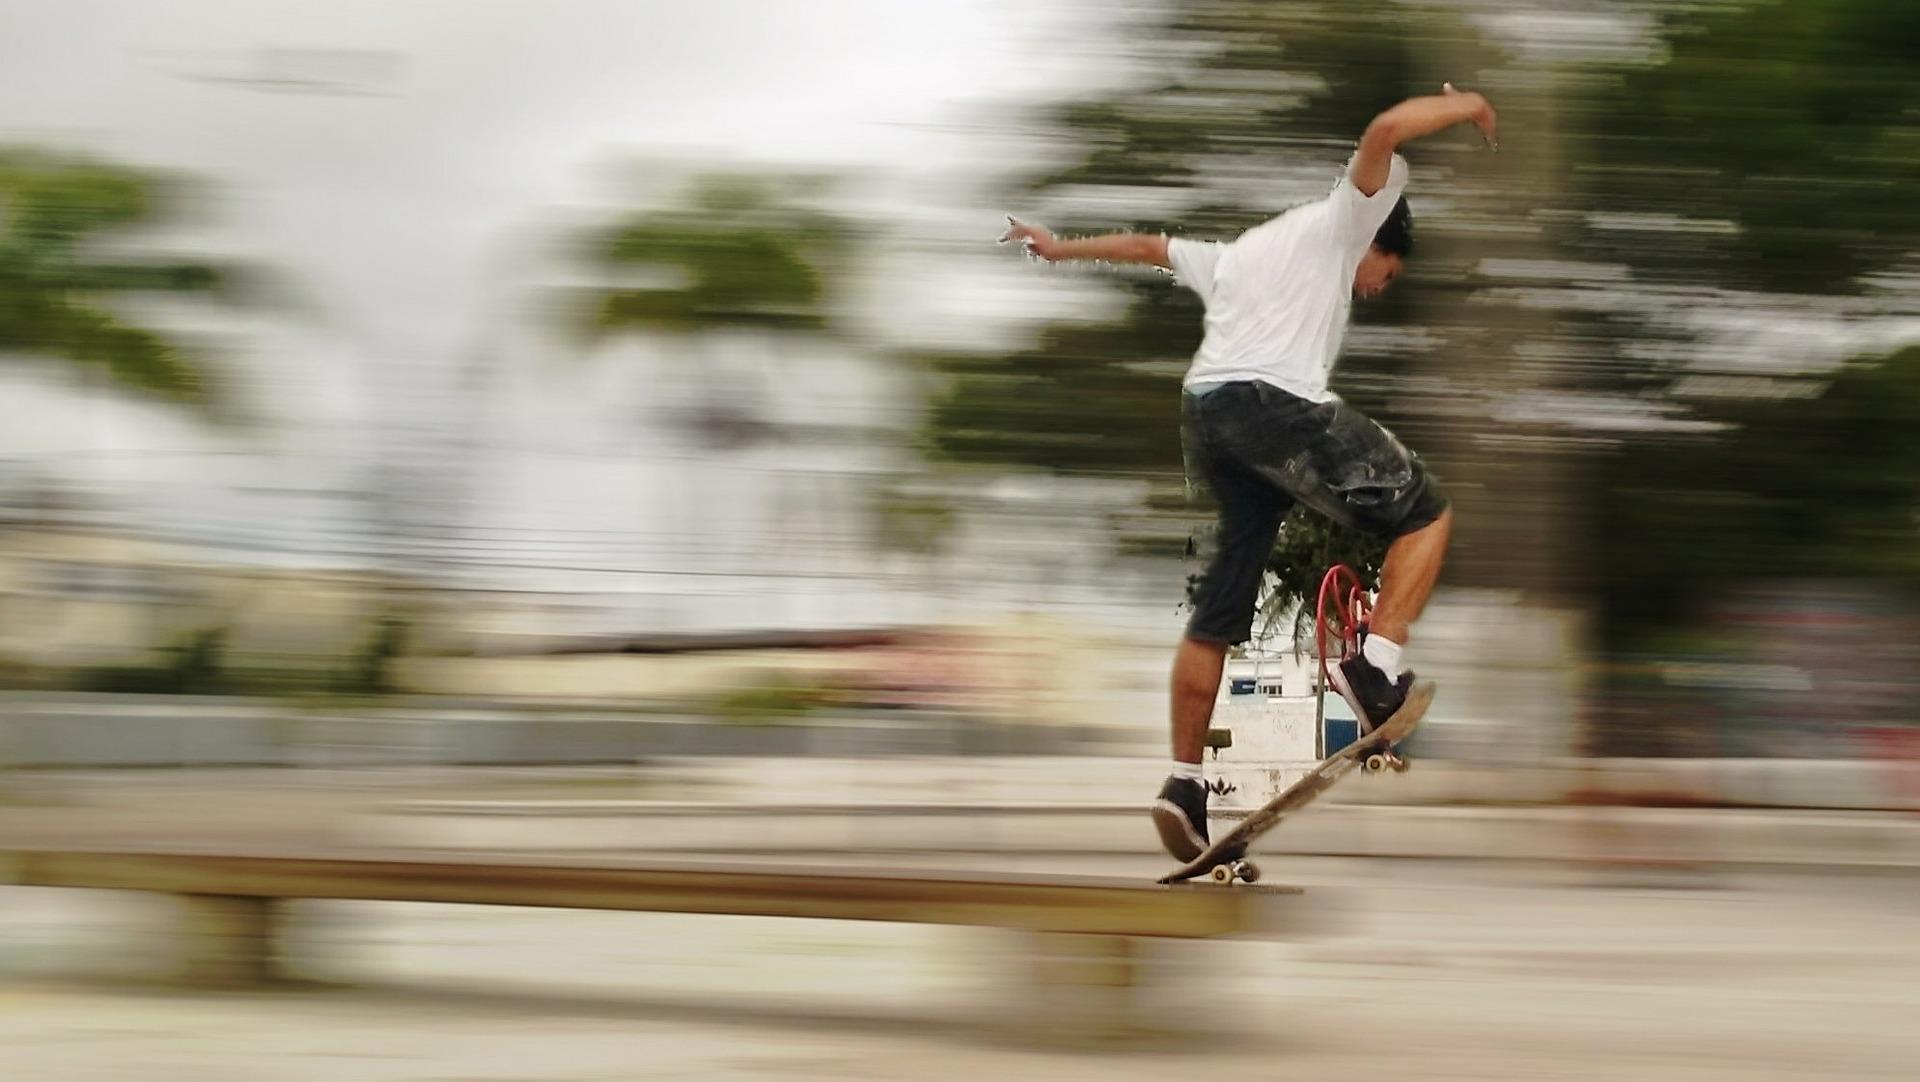 Best FREE Skate Spots In SD!